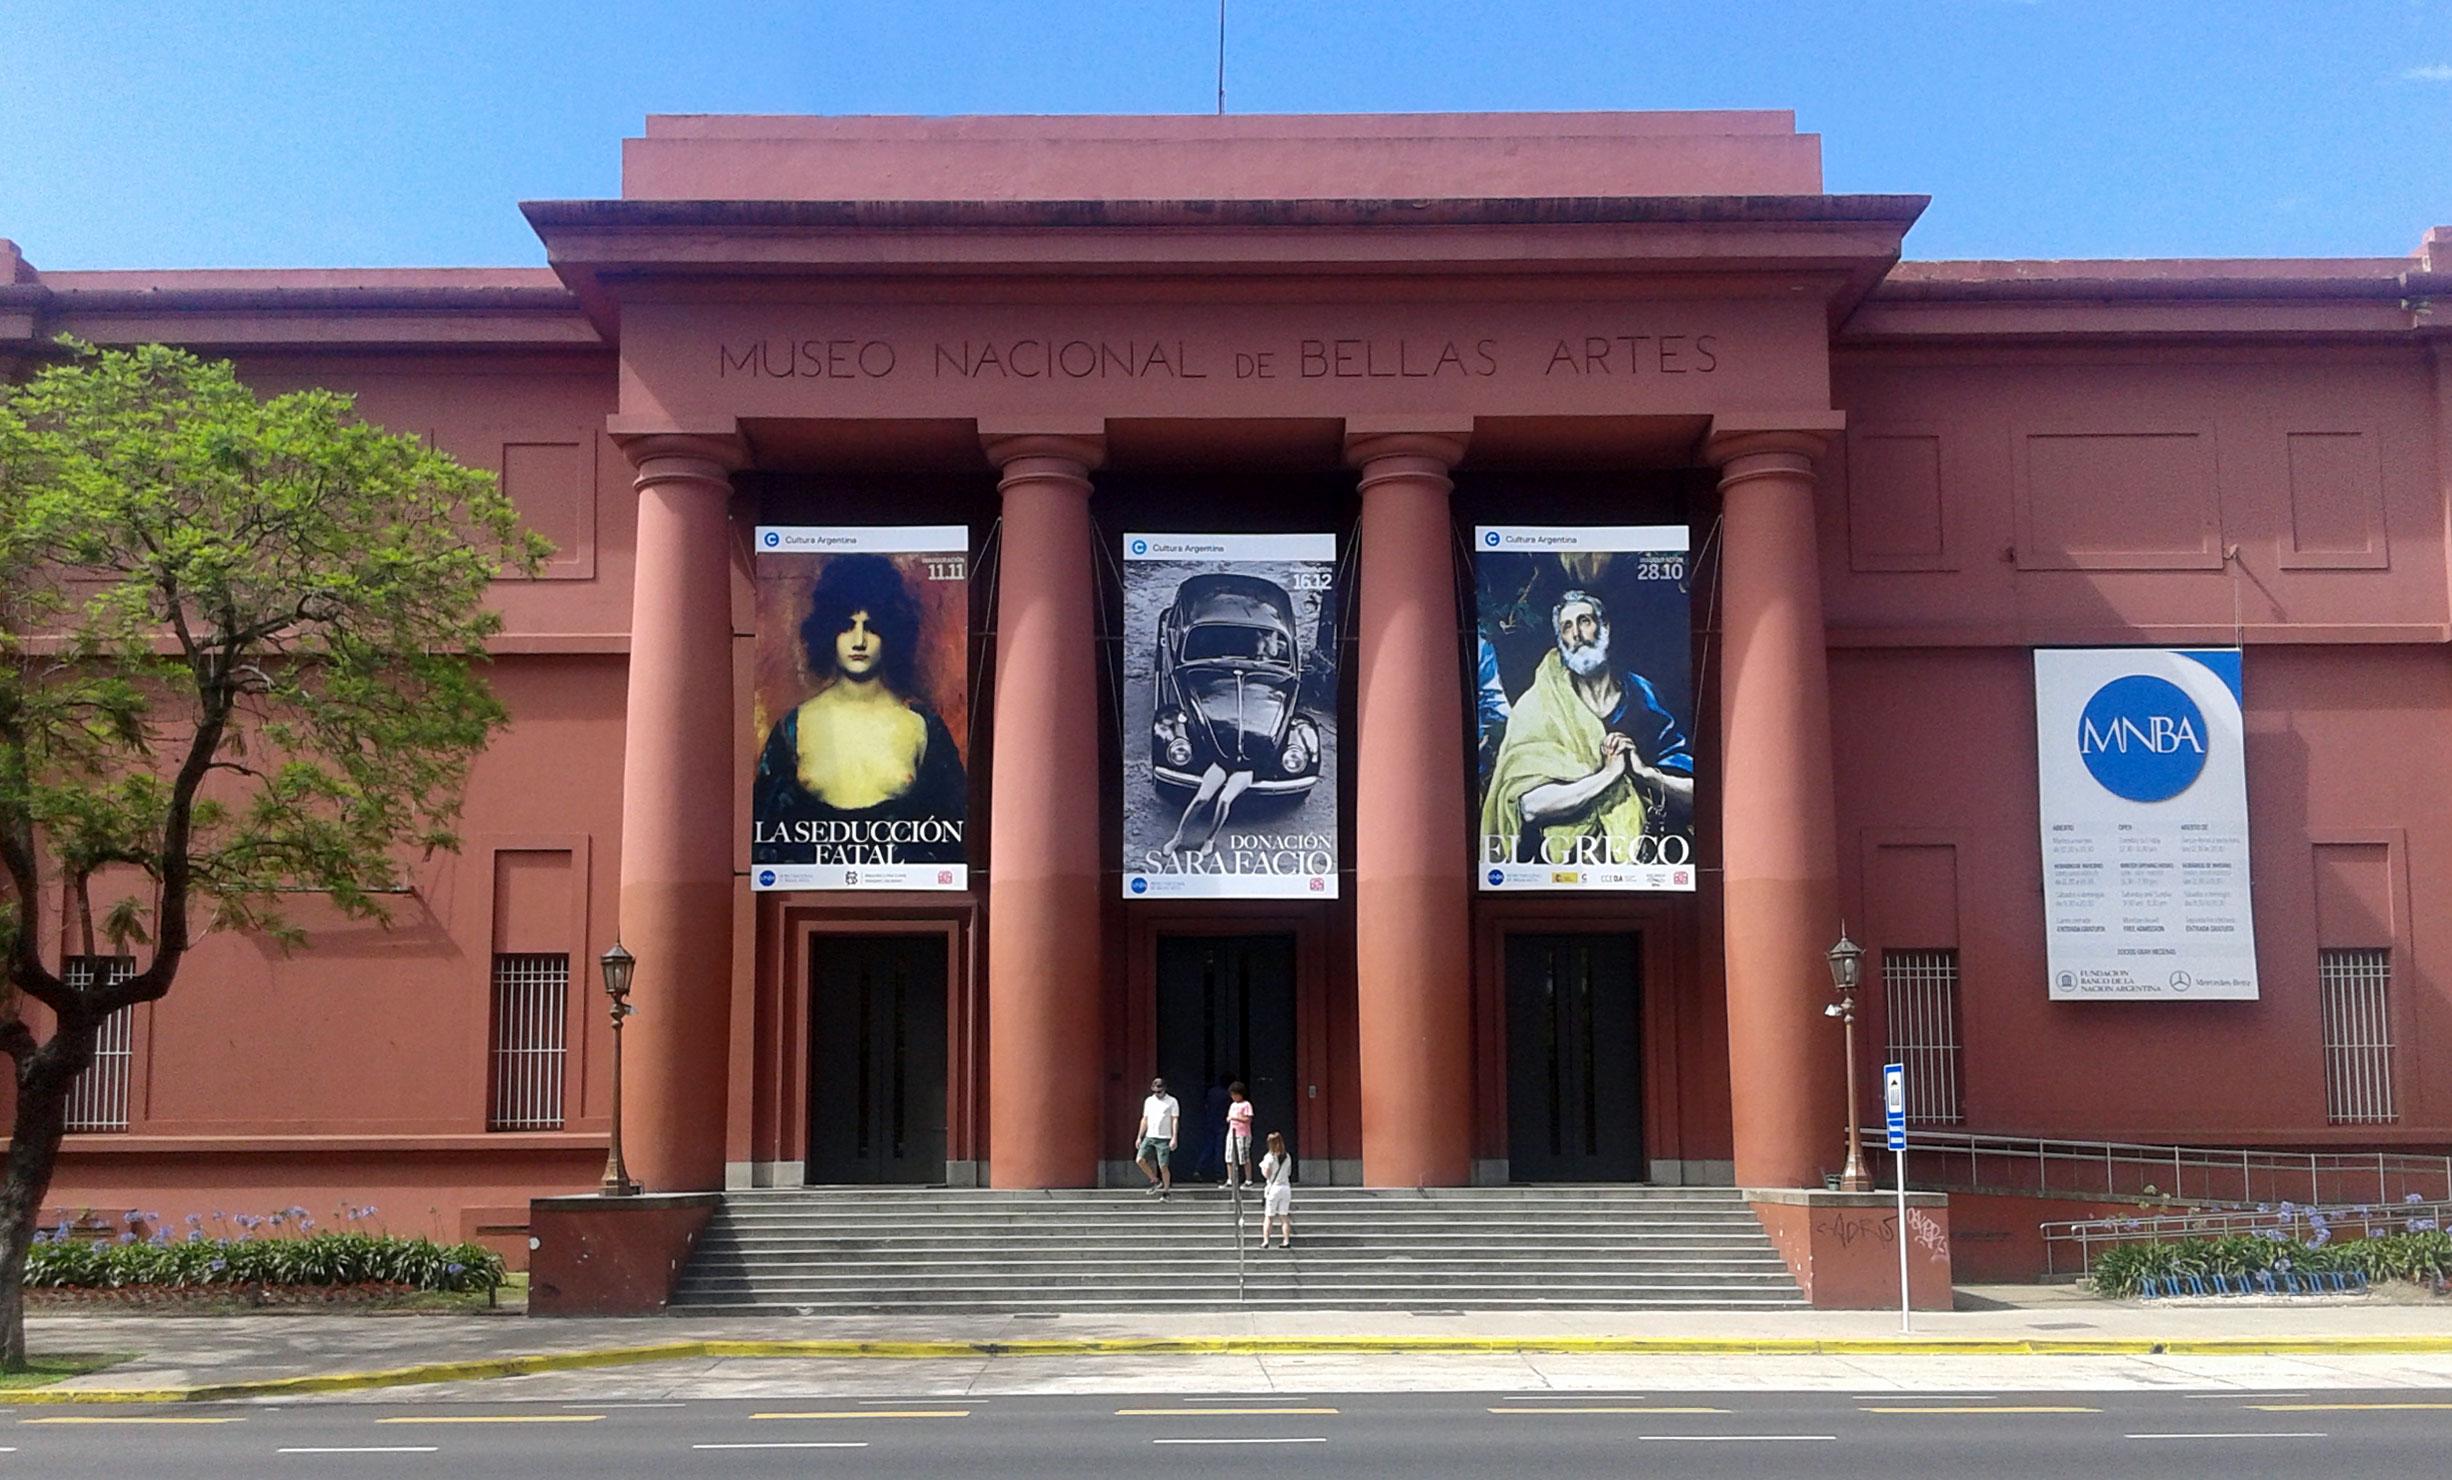 Museo de Bellas Artes Museum